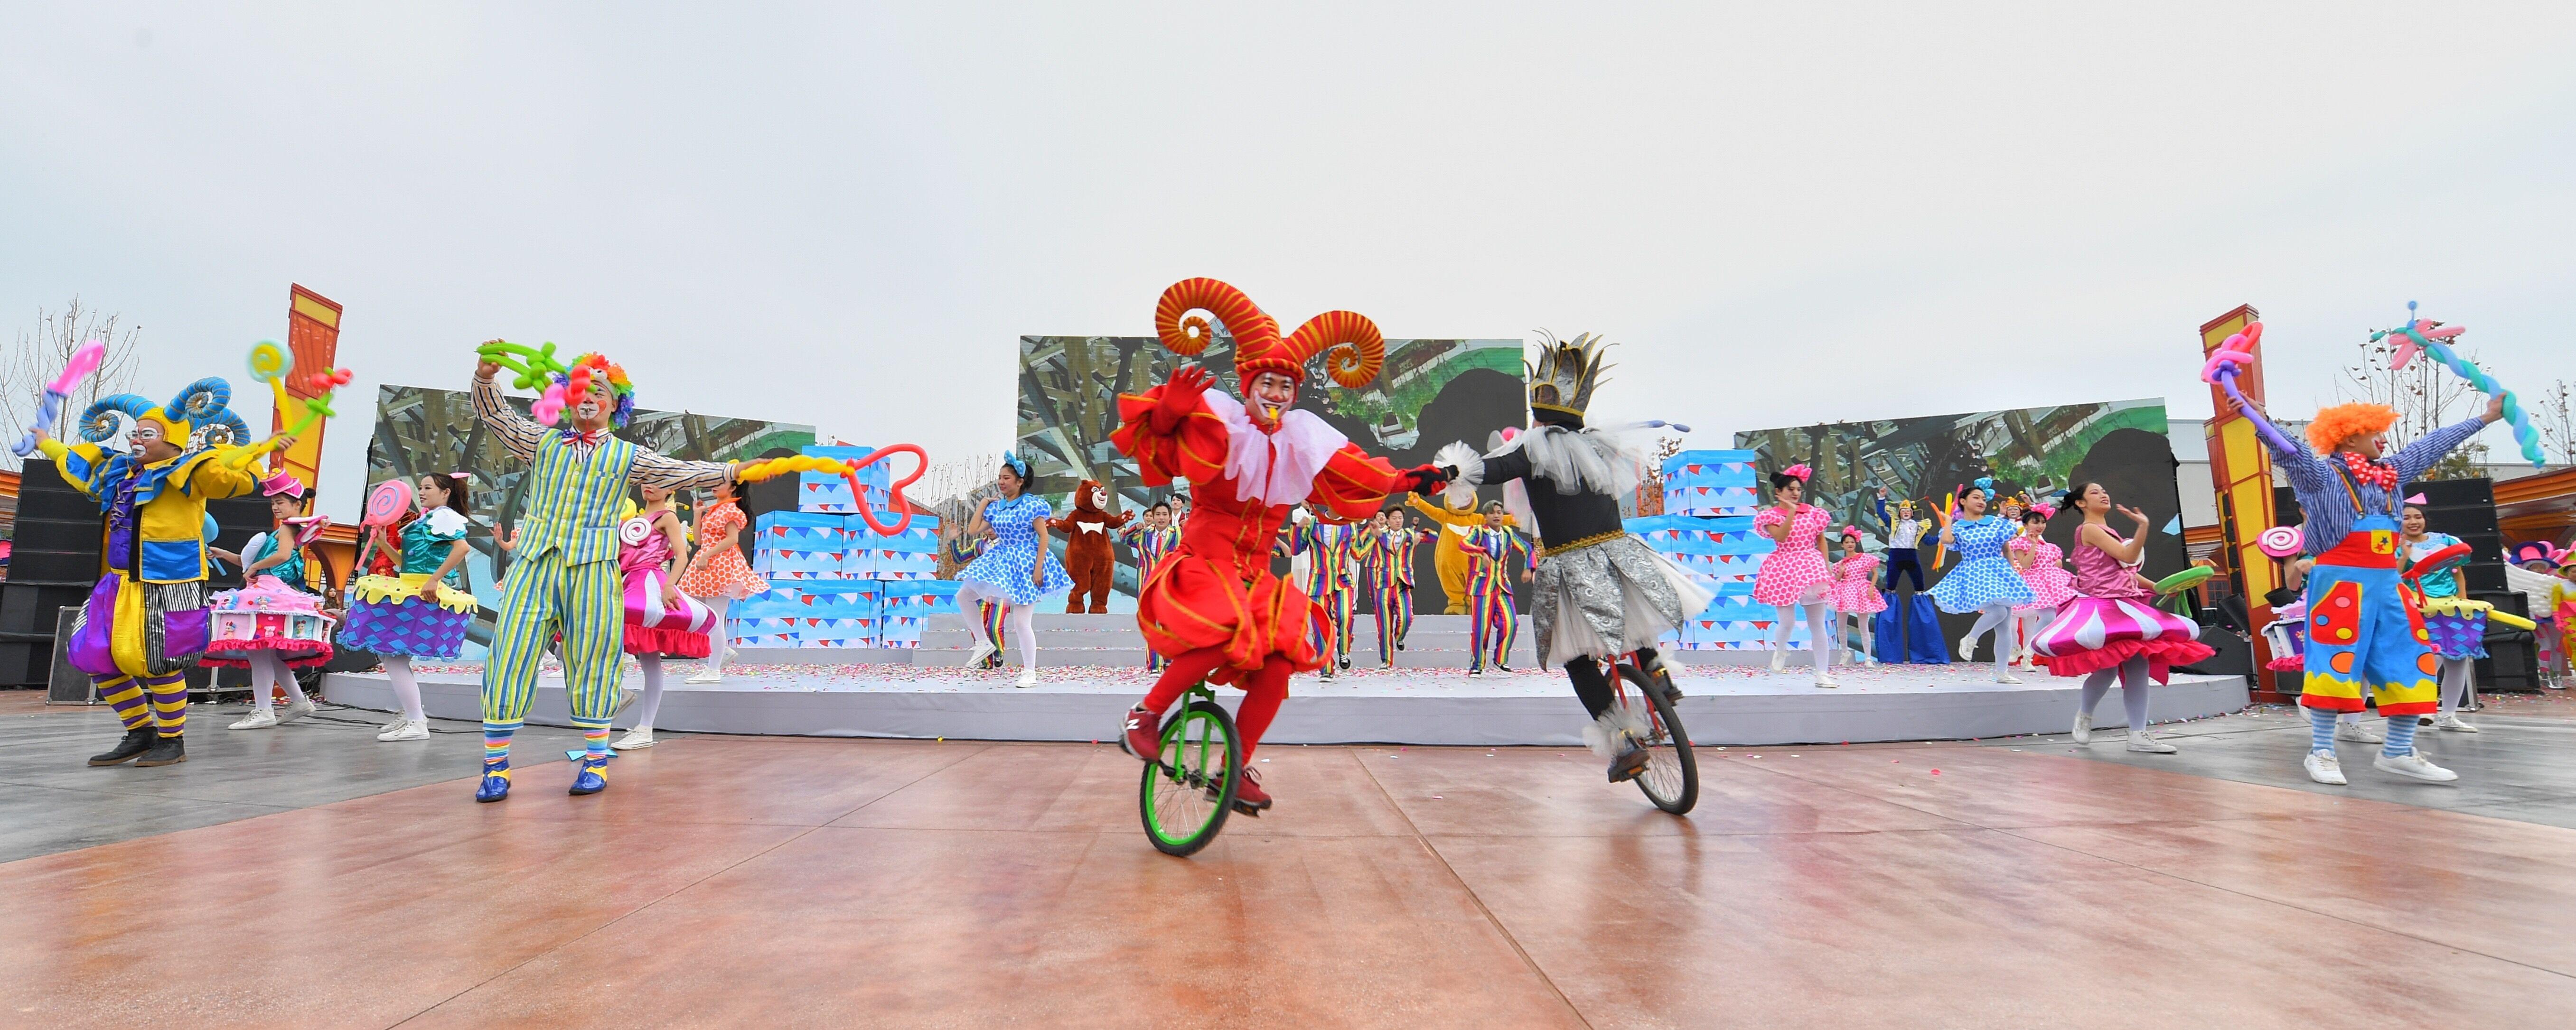 第三届章贡文化旅游节正式开幕